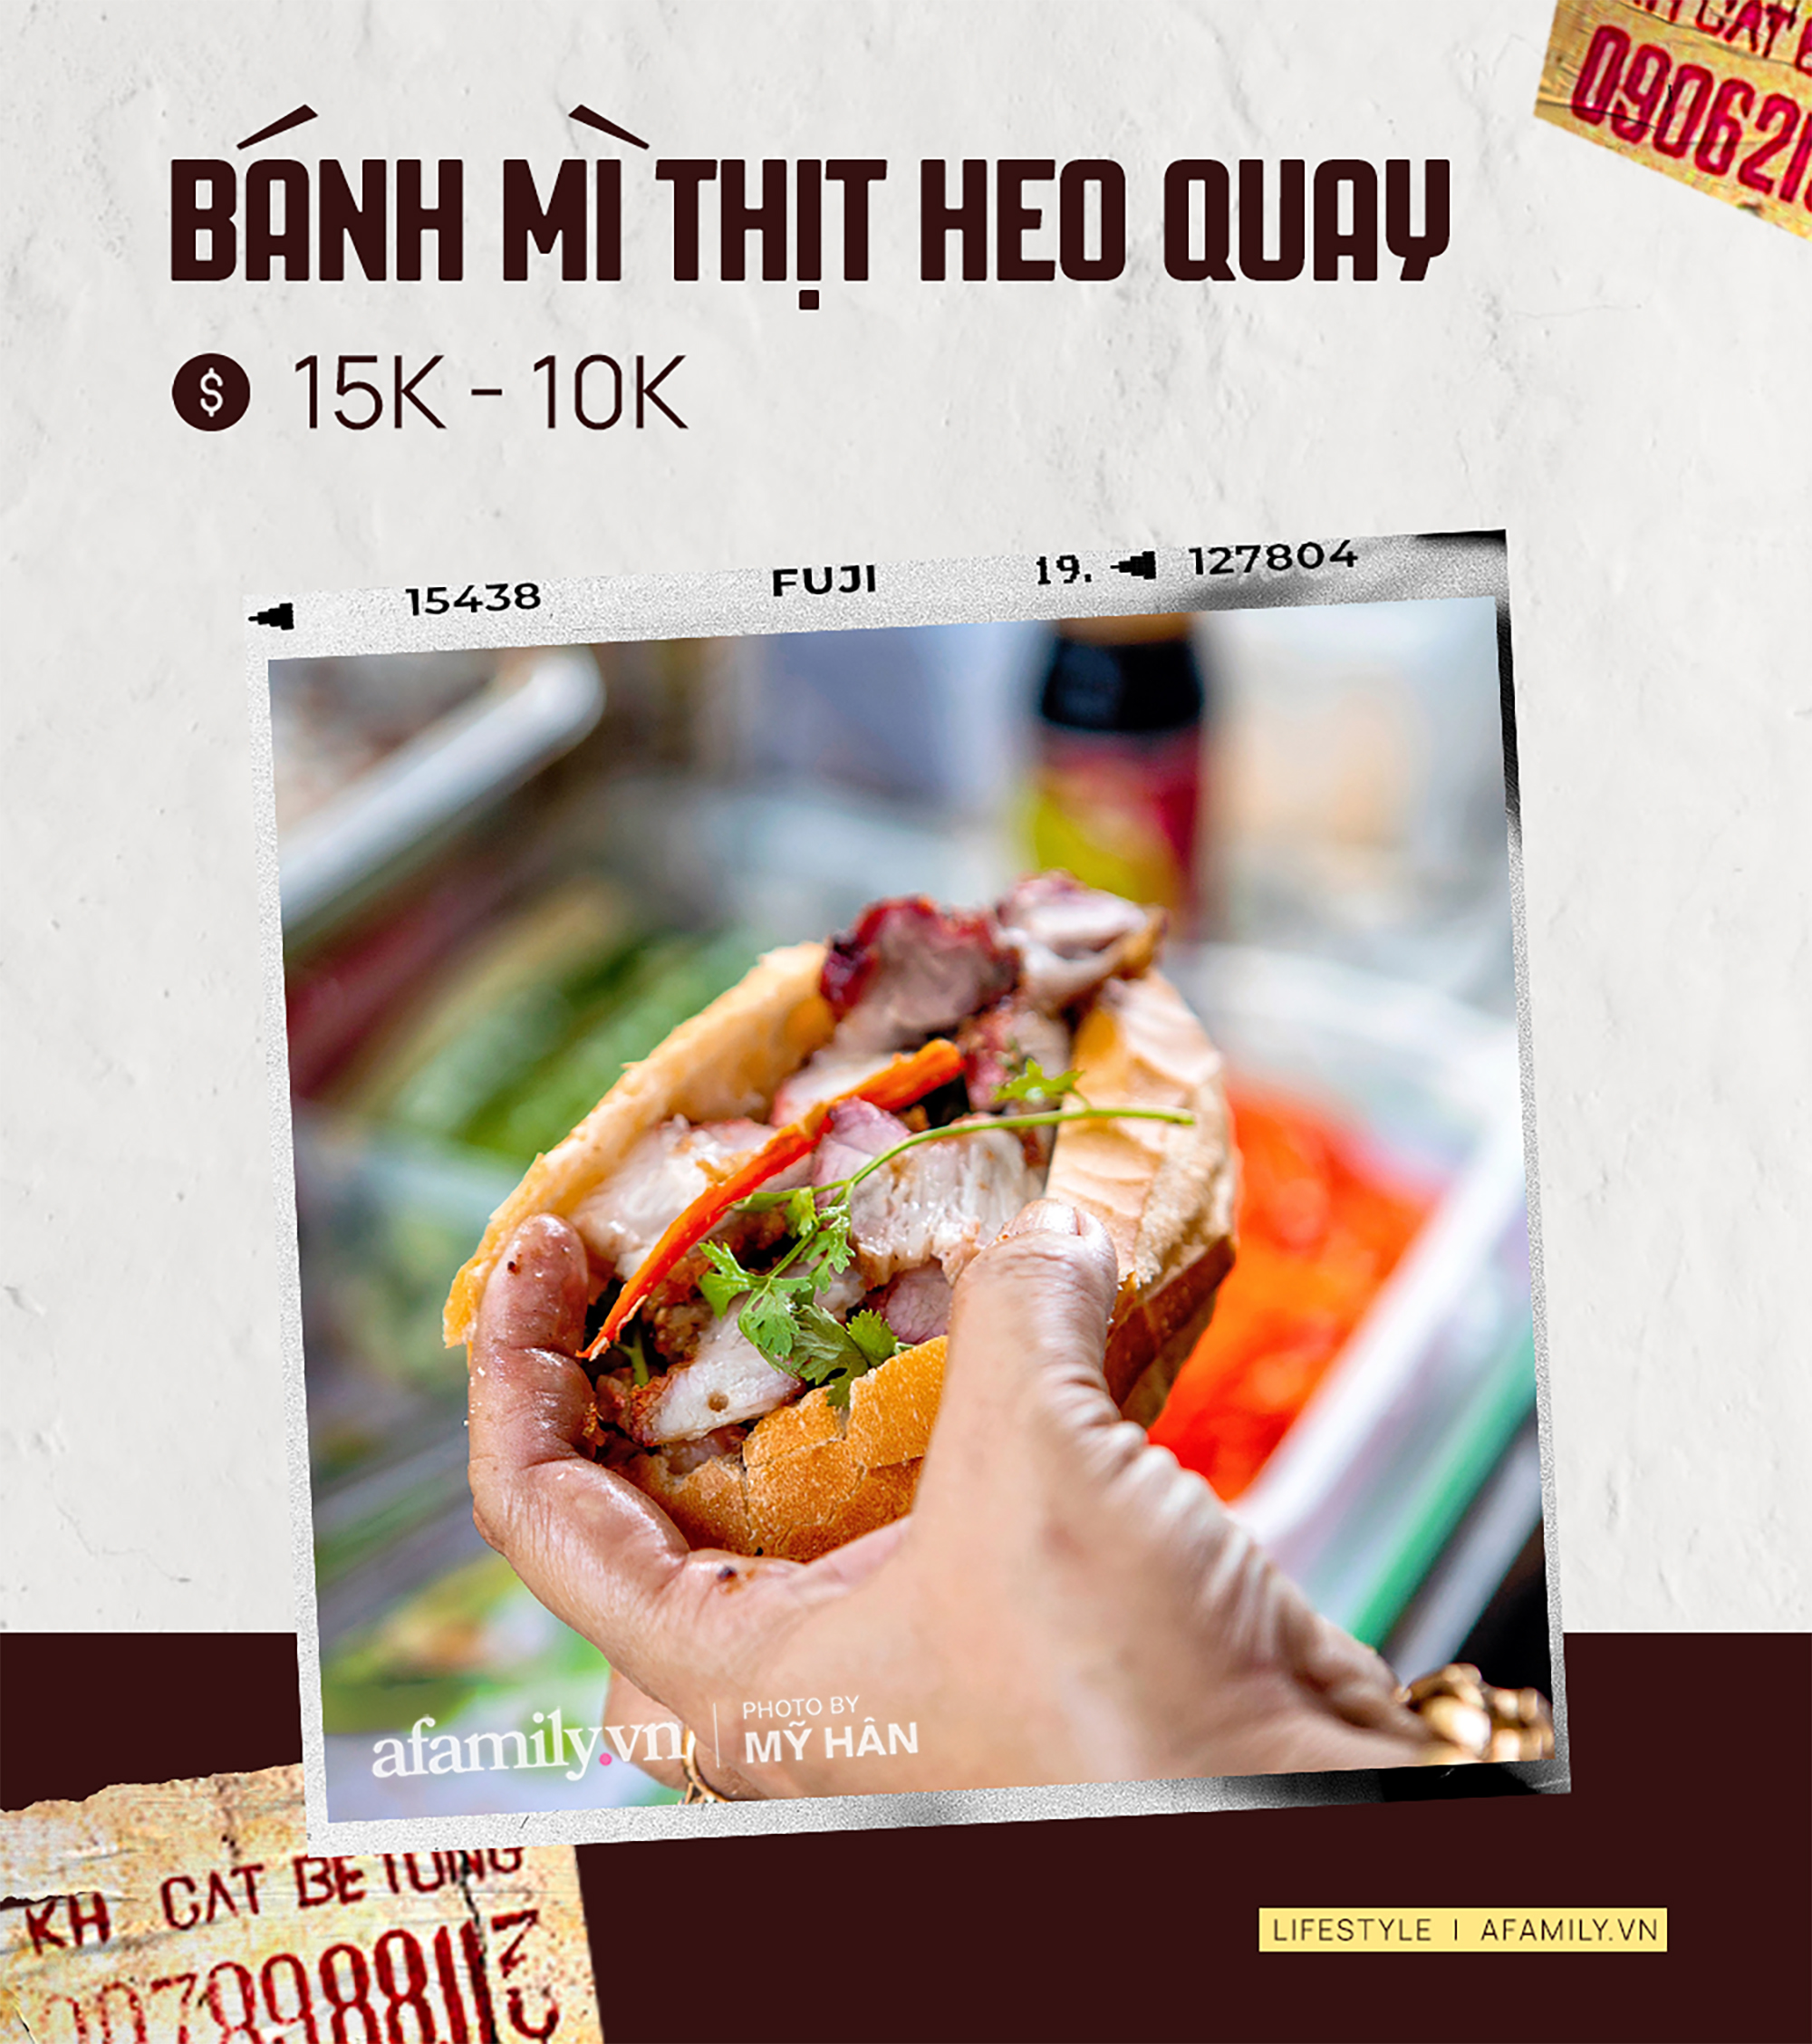 """""""Choáng"""" với bảng giá loạt món ăn tại một tỉnh ở miền Tây, nơi vừa được công bố là có mức sống thấp nhất Việt Nam! - Ảnh 2."""